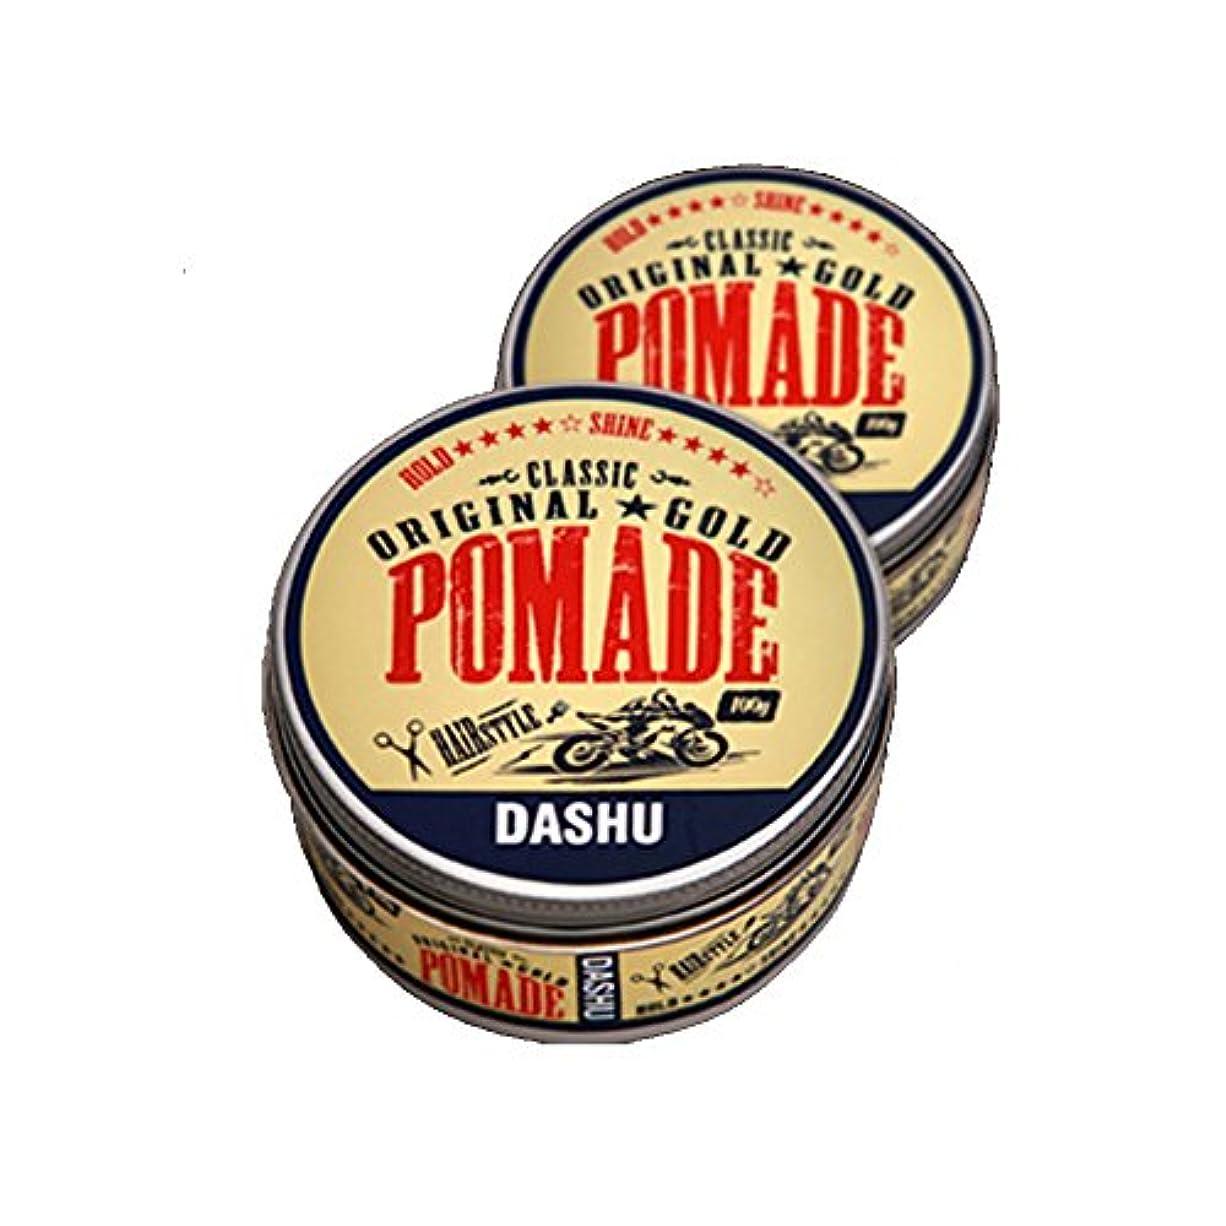 干ばつお世話になった郵便番号(2個セット) x [DASHU] ダシュ クラシックオリジナルゴールドポマードヘアワックス Classic Original Gold Pomade Hair Wax 100ml / 韓国製 . 韓国直送品